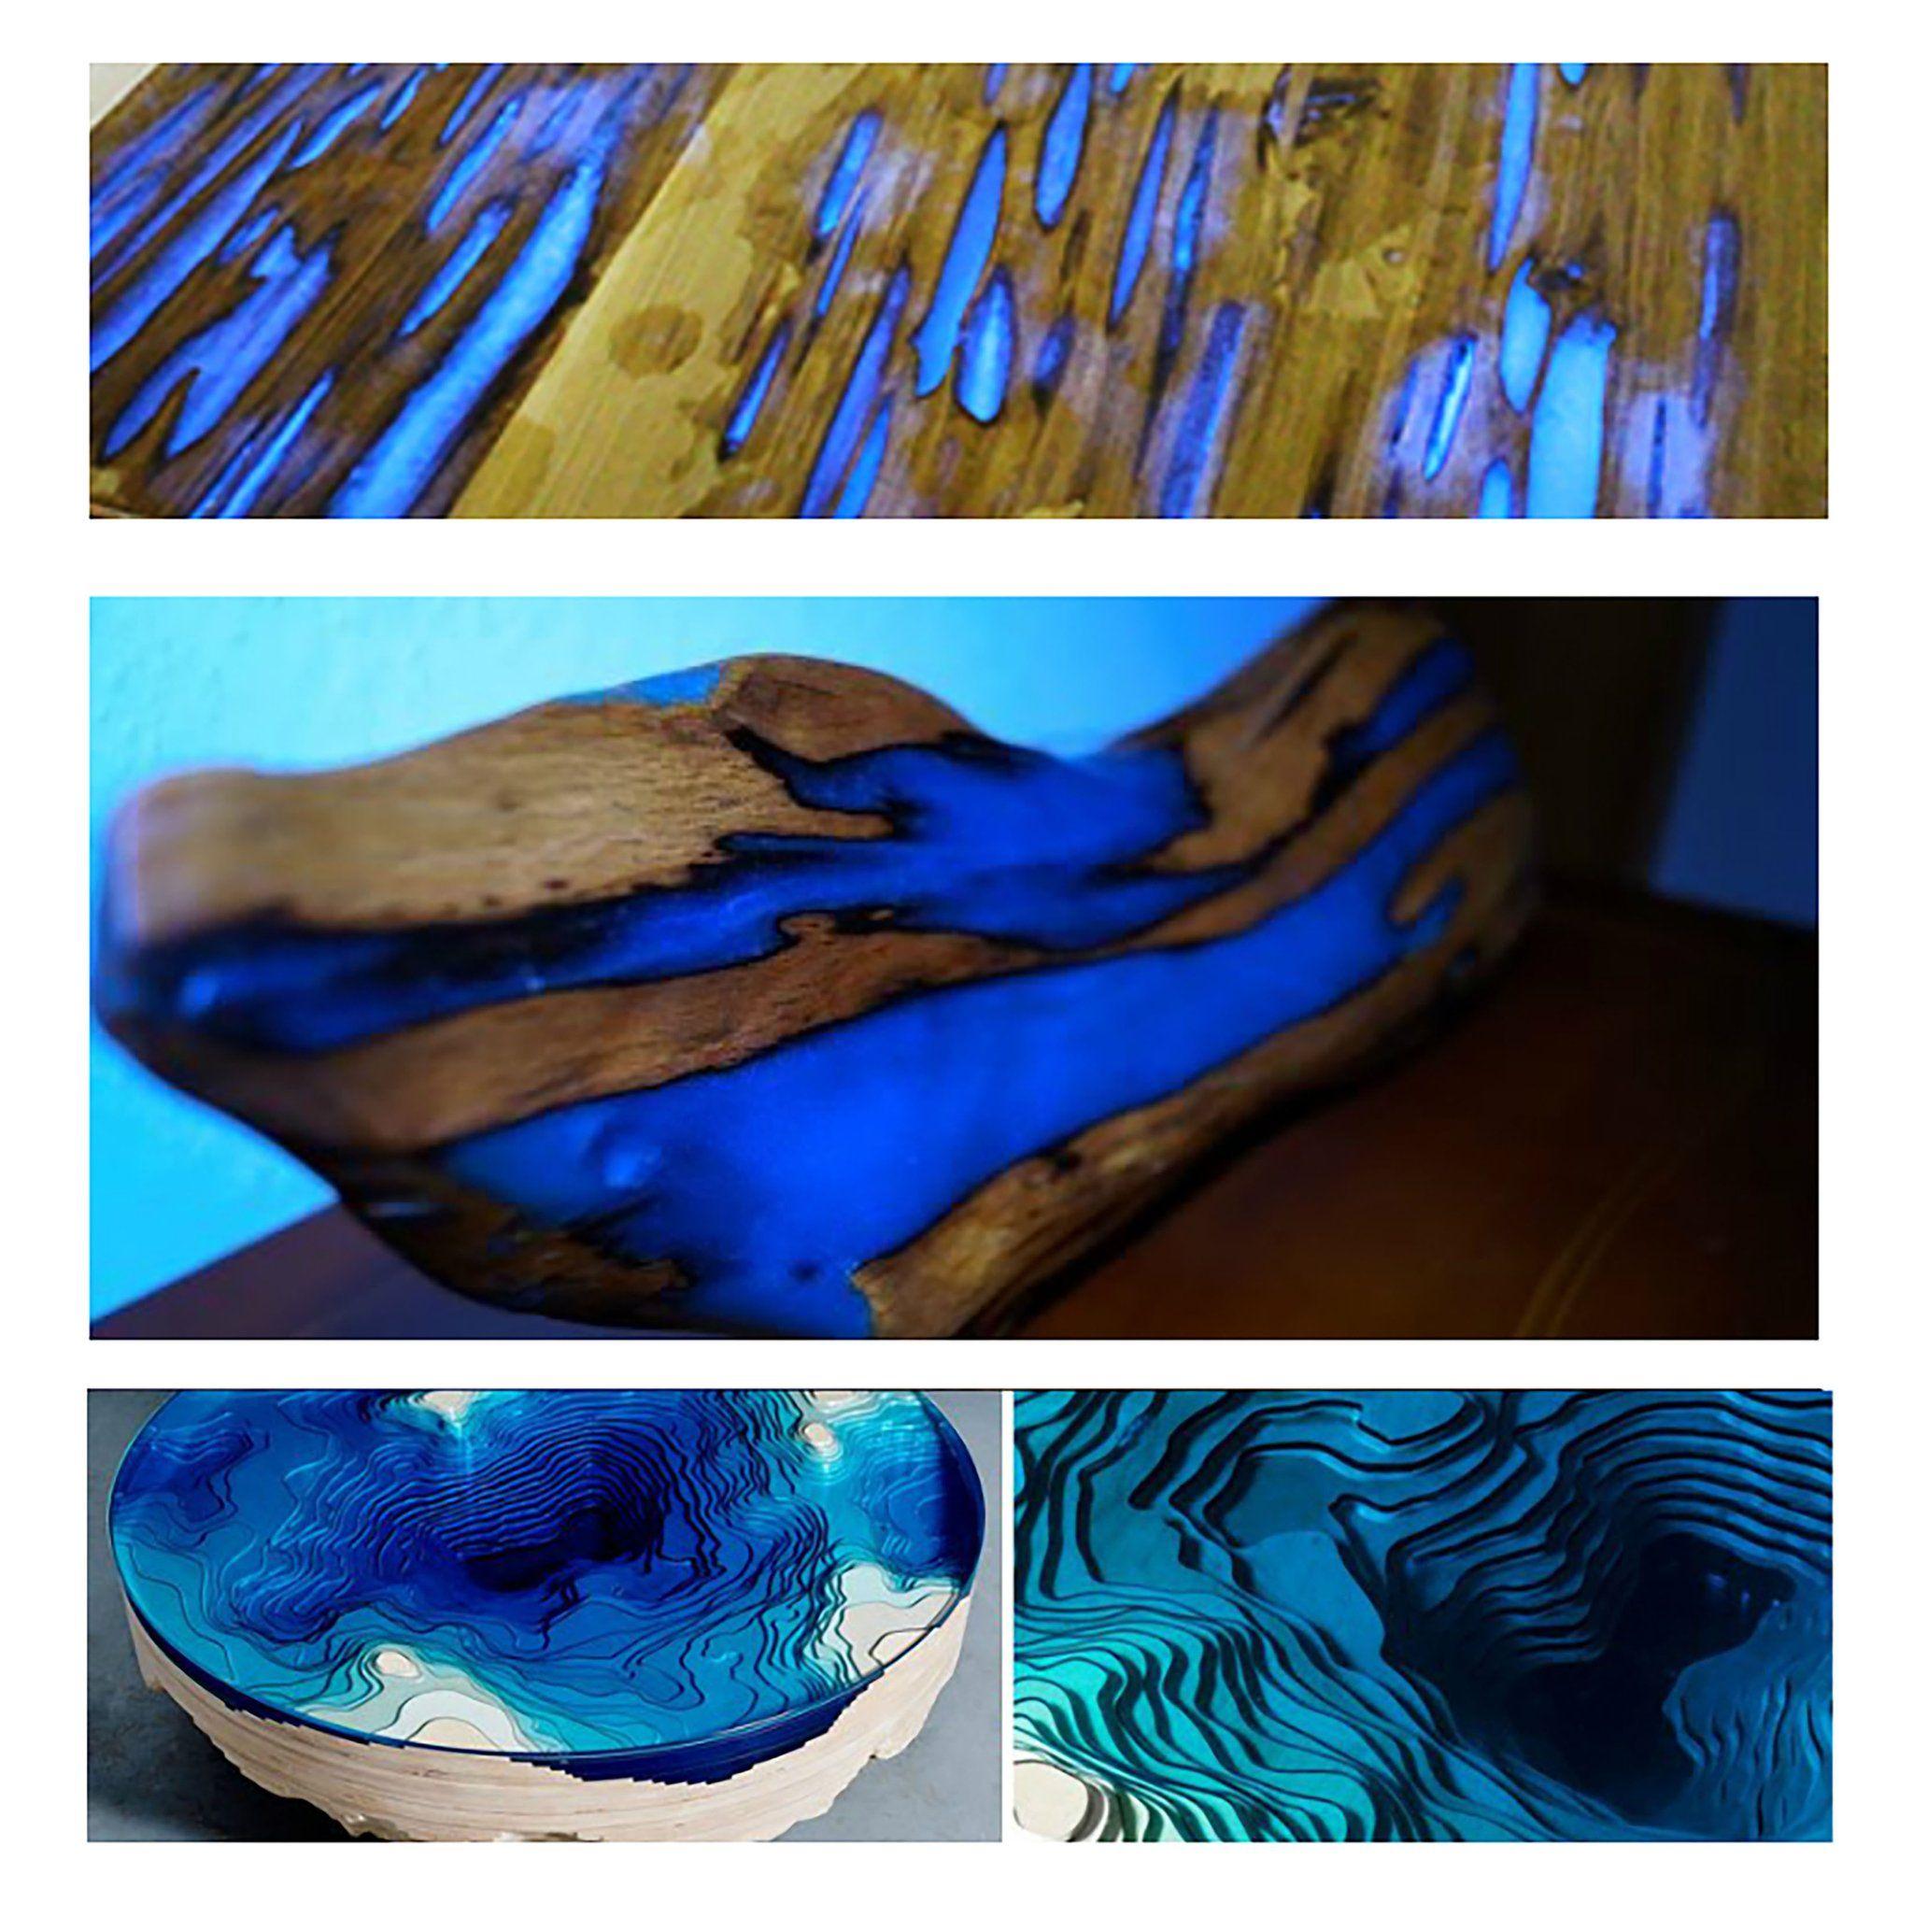 Resine Pour Peindre Meuble Bois pigment fluorescent uv (poudre fluorescente) | Époxy, resine